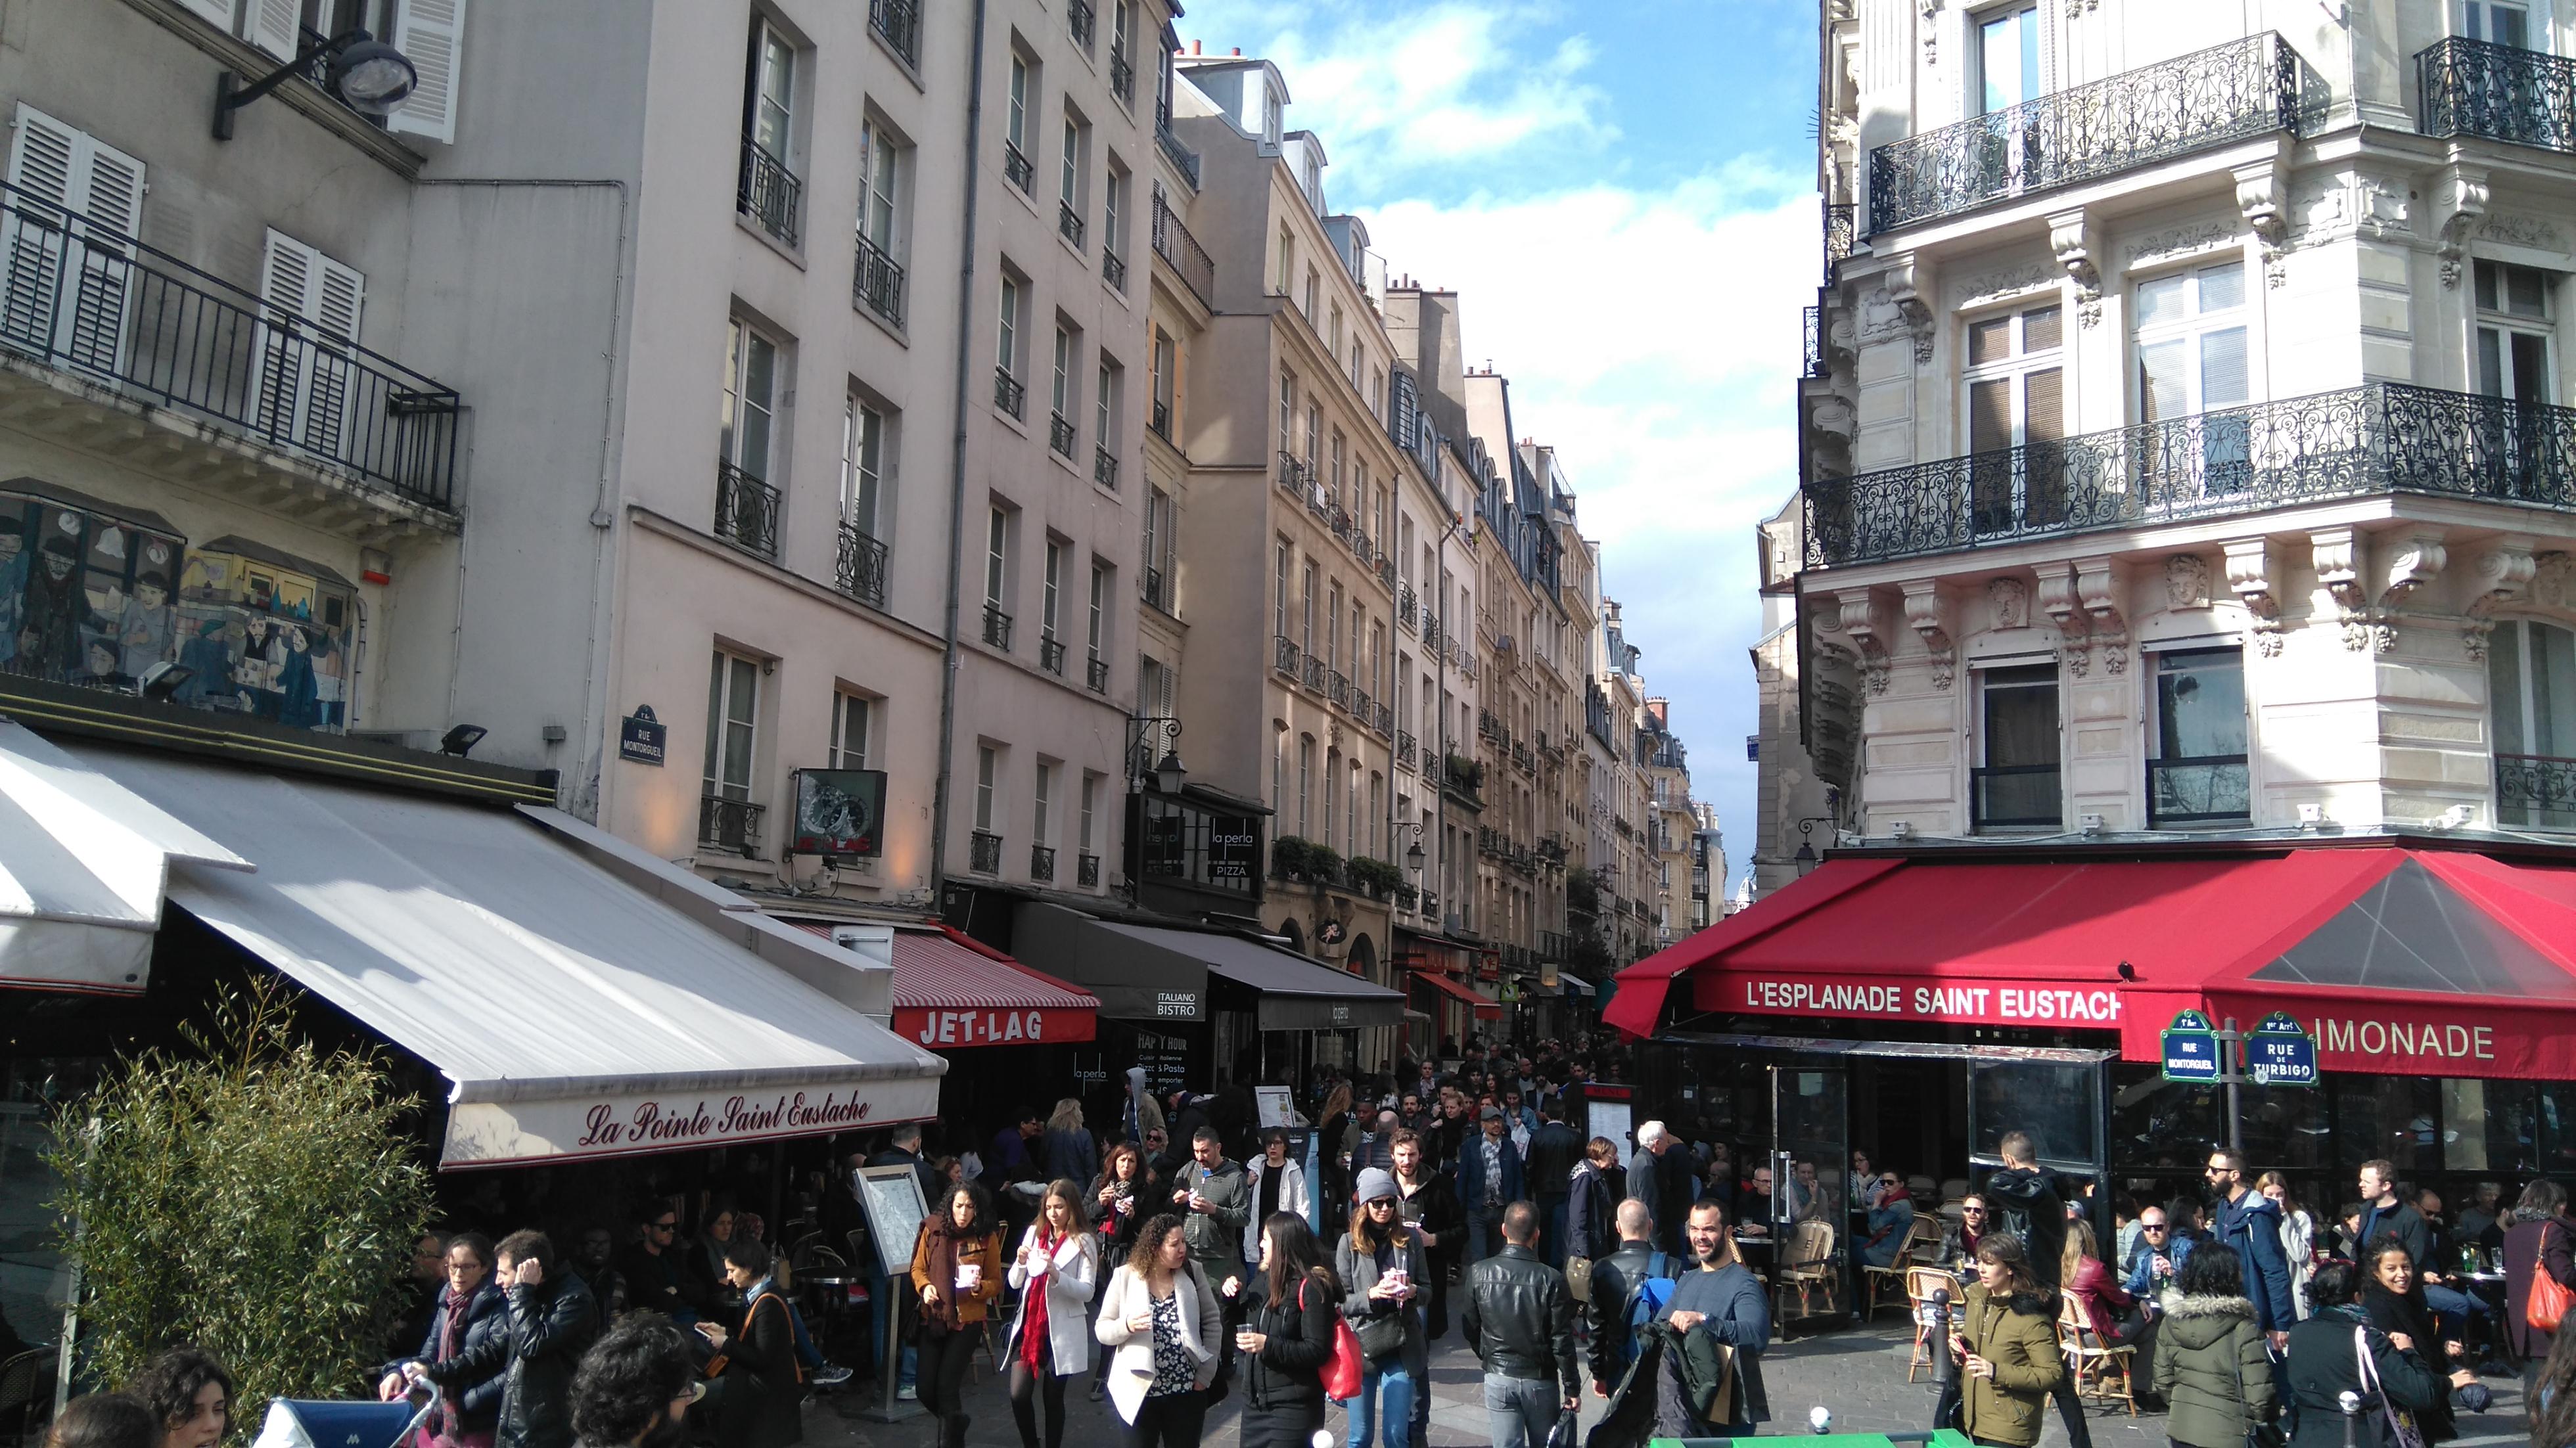 Paris-montorgueil-saint-eustache-blog-voyage-2